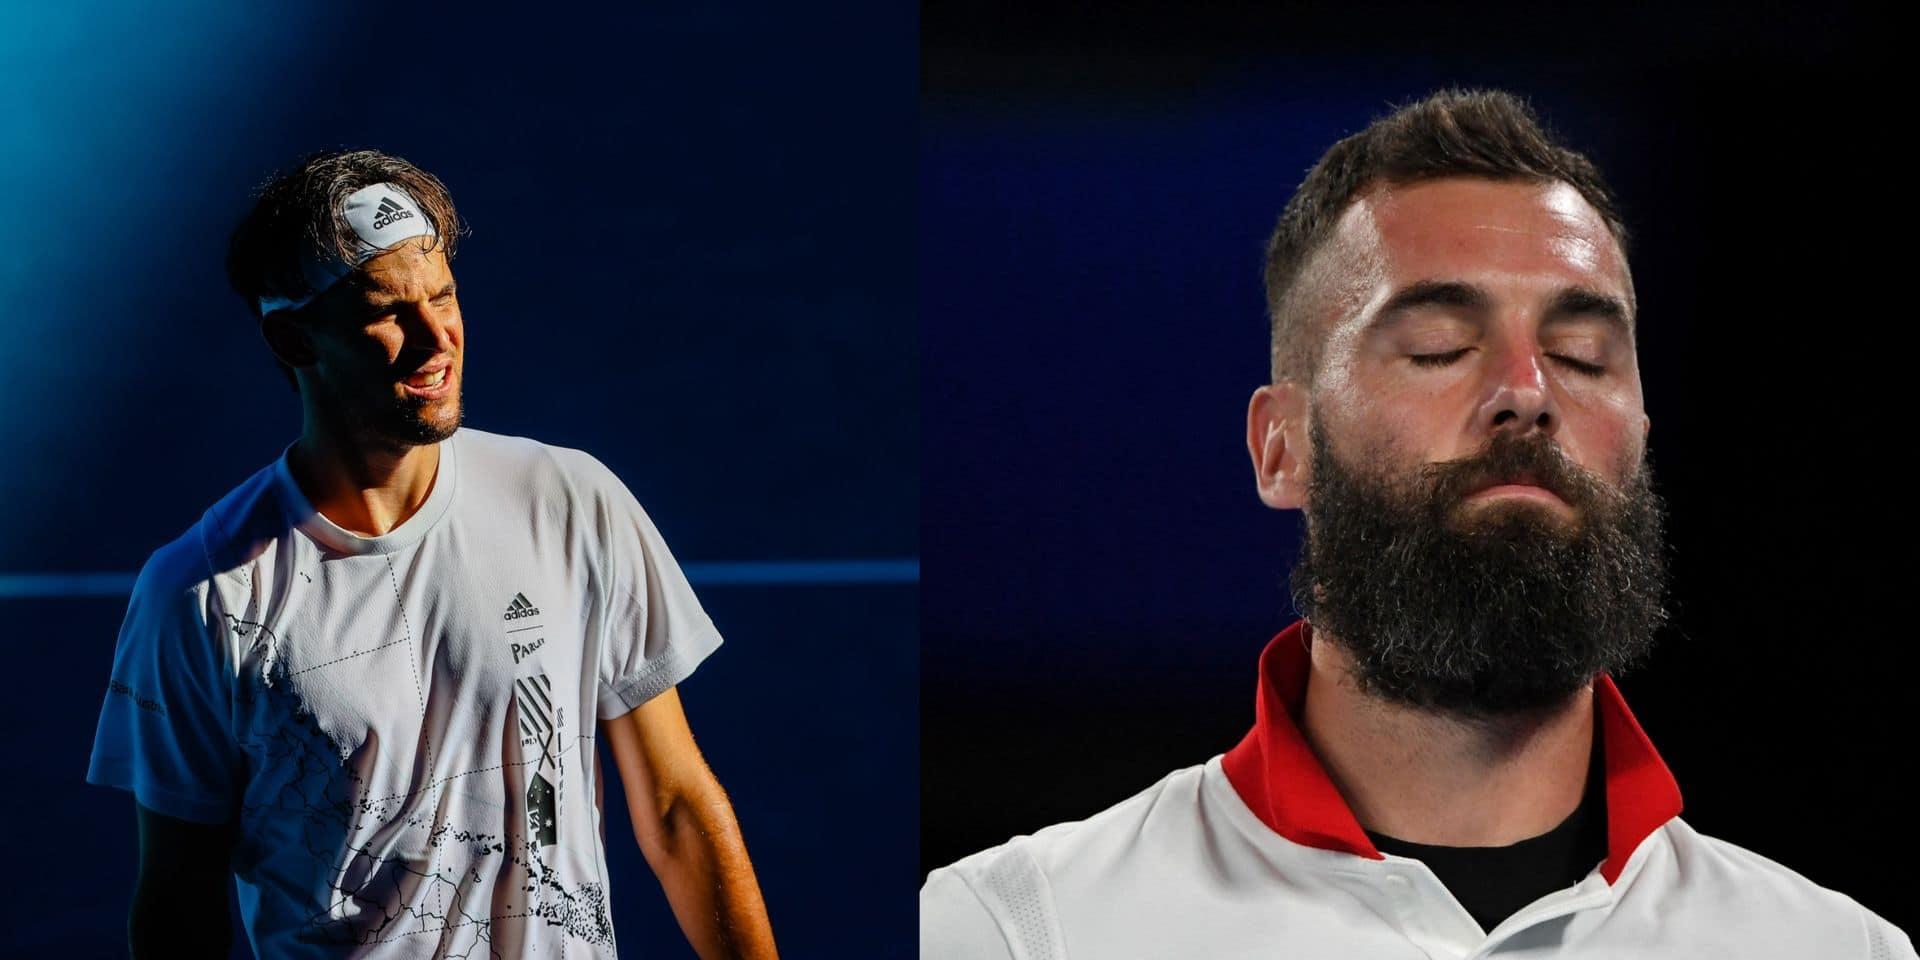 """Dominic Thiem recadre Benoit Paire : """"Si tu n'as pas envie de jouer, prends des vacances"""""""